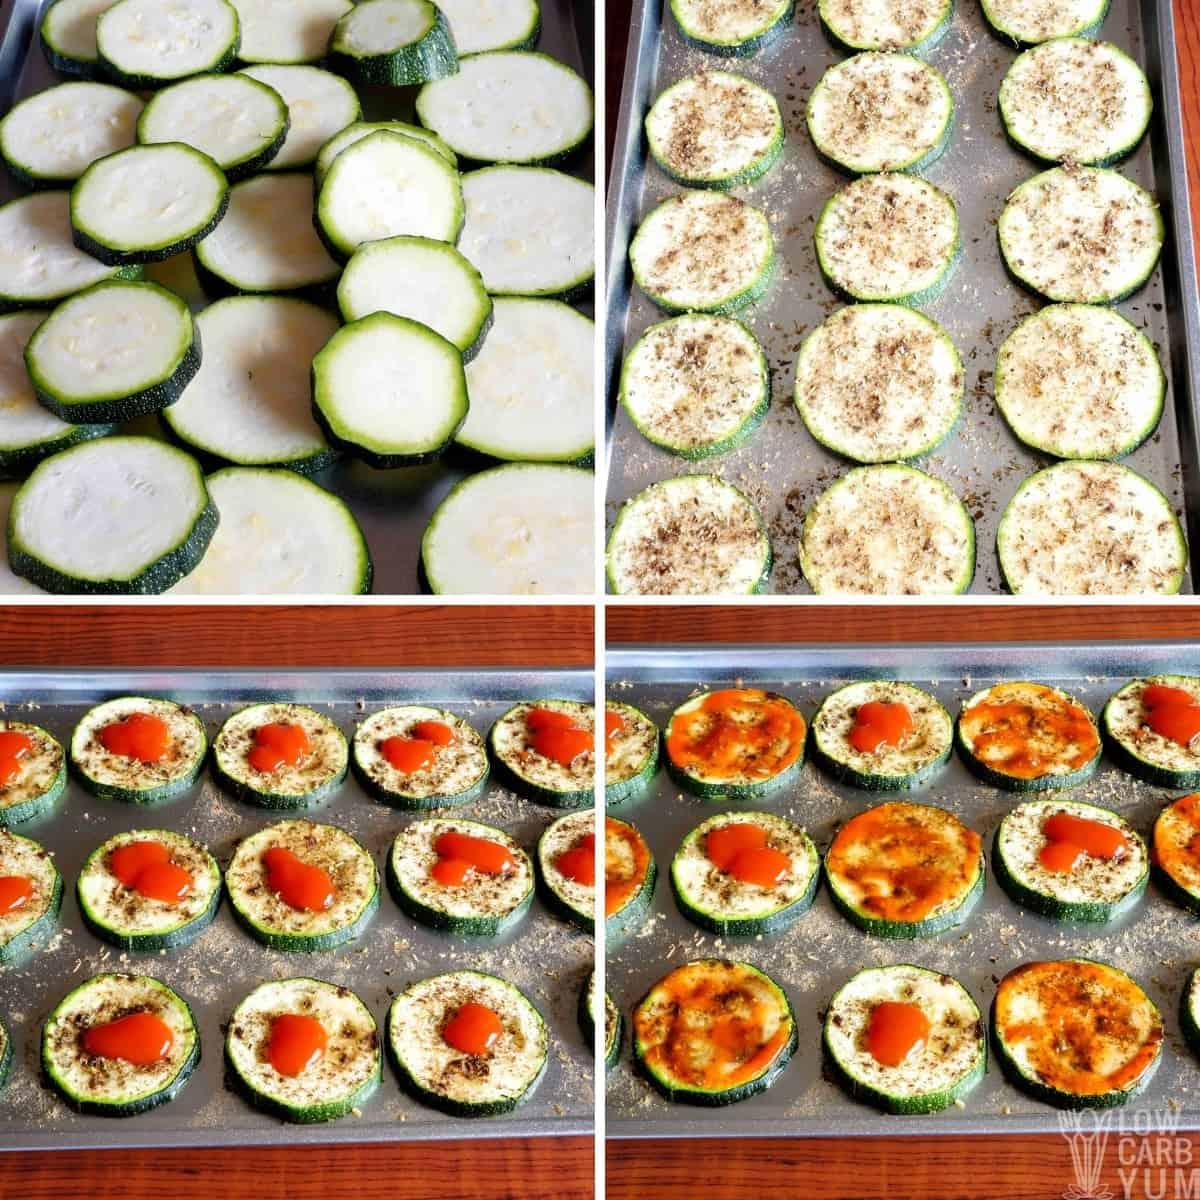 zucchini pizza bites recipe initial steps